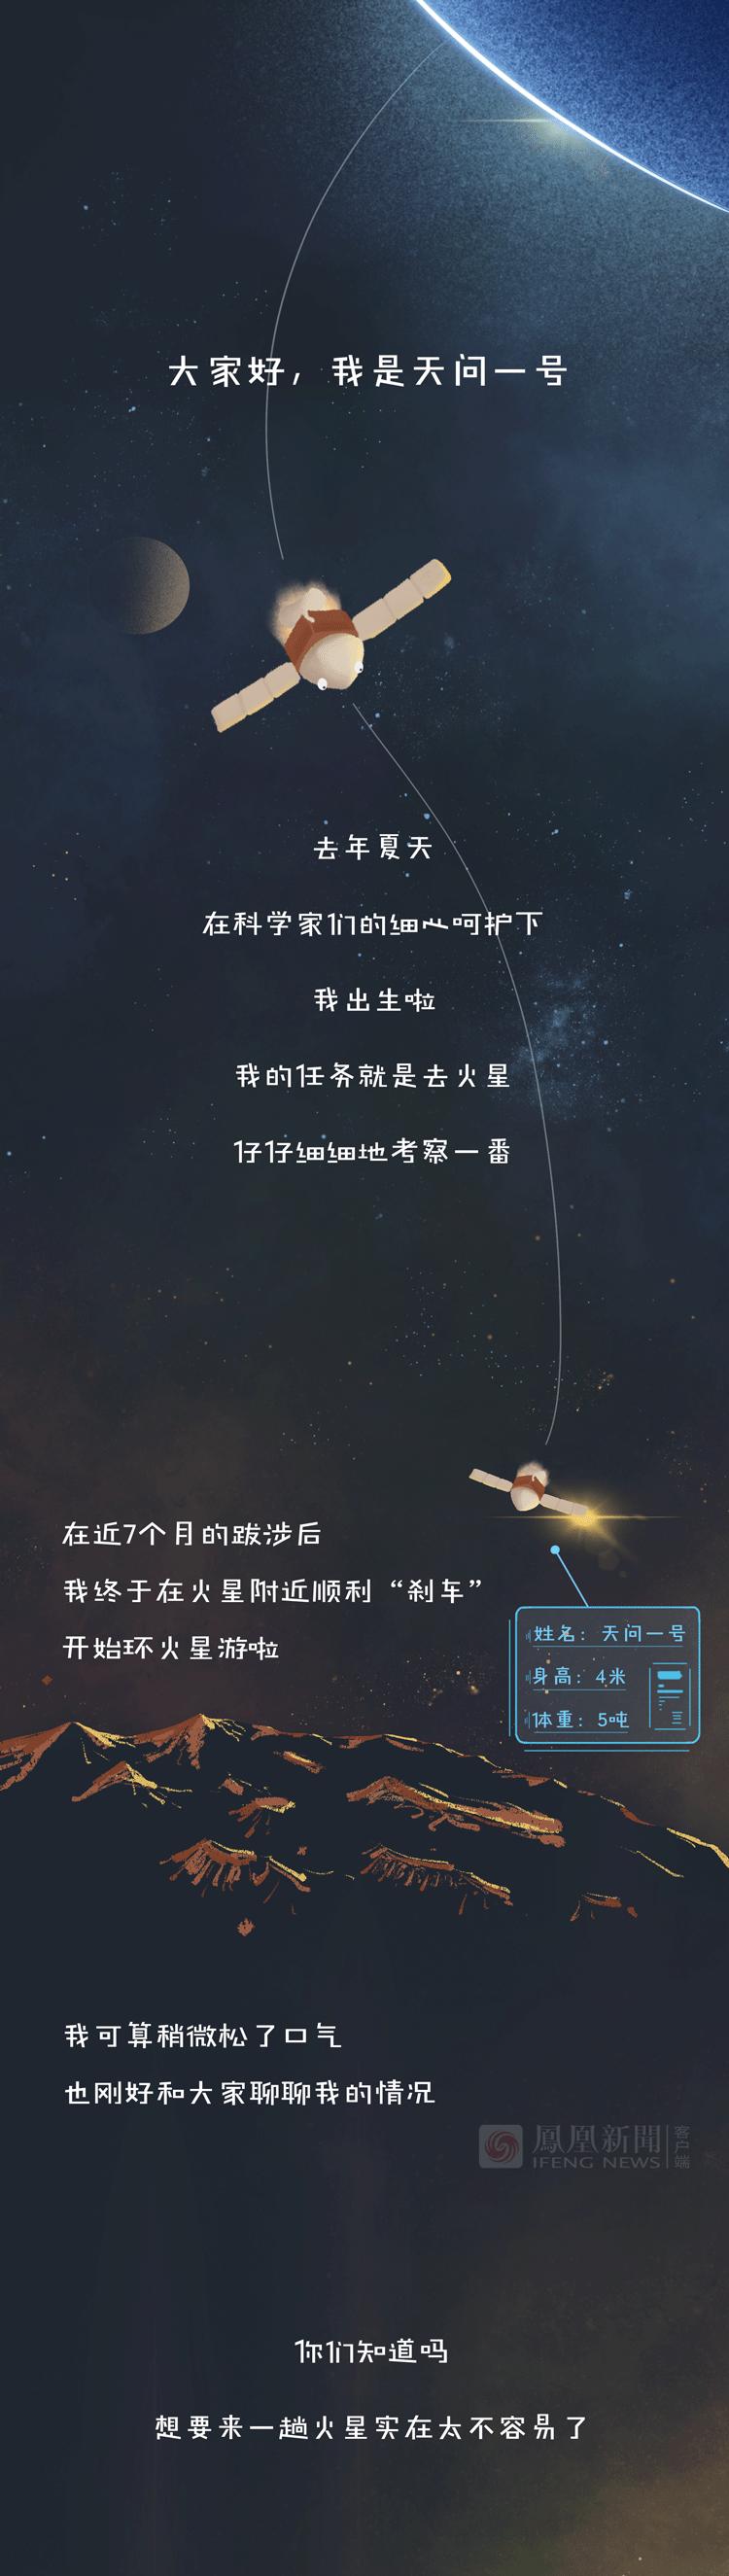 寻仙铅丹_一平方米等于多少平方千米_蜀山战纪第五季